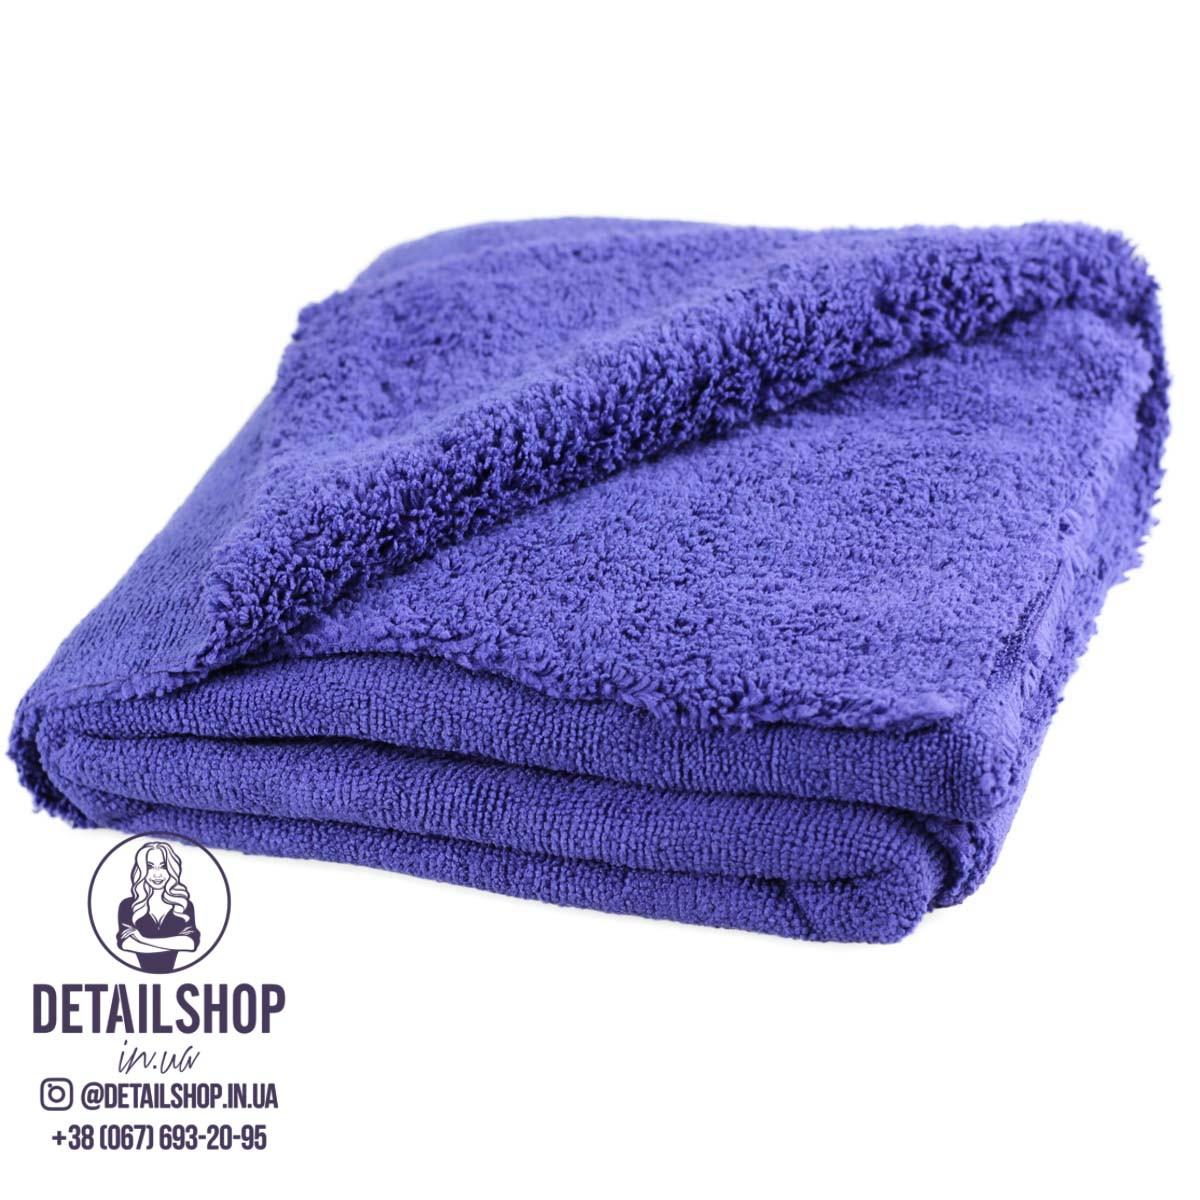 GYEON Soft Dryer ультра-м'який рушник